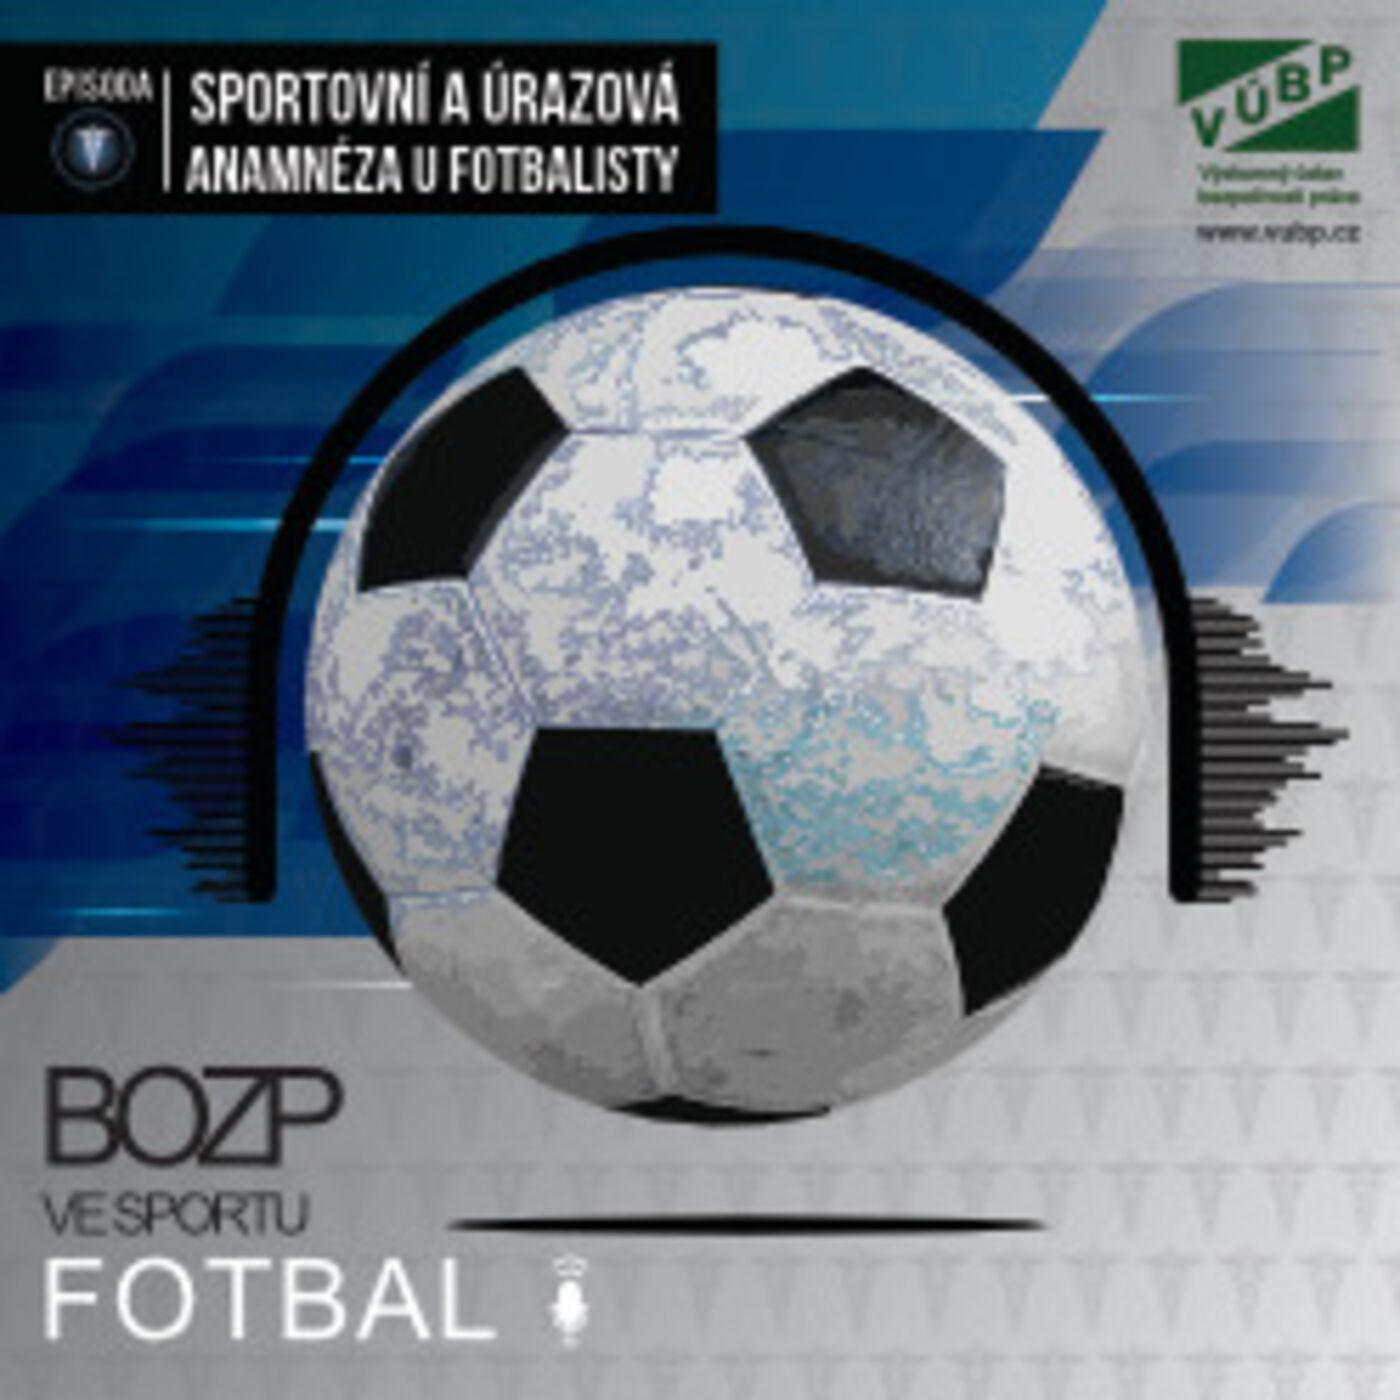 Sportovní a úrazová anamnéza u fotbalisty